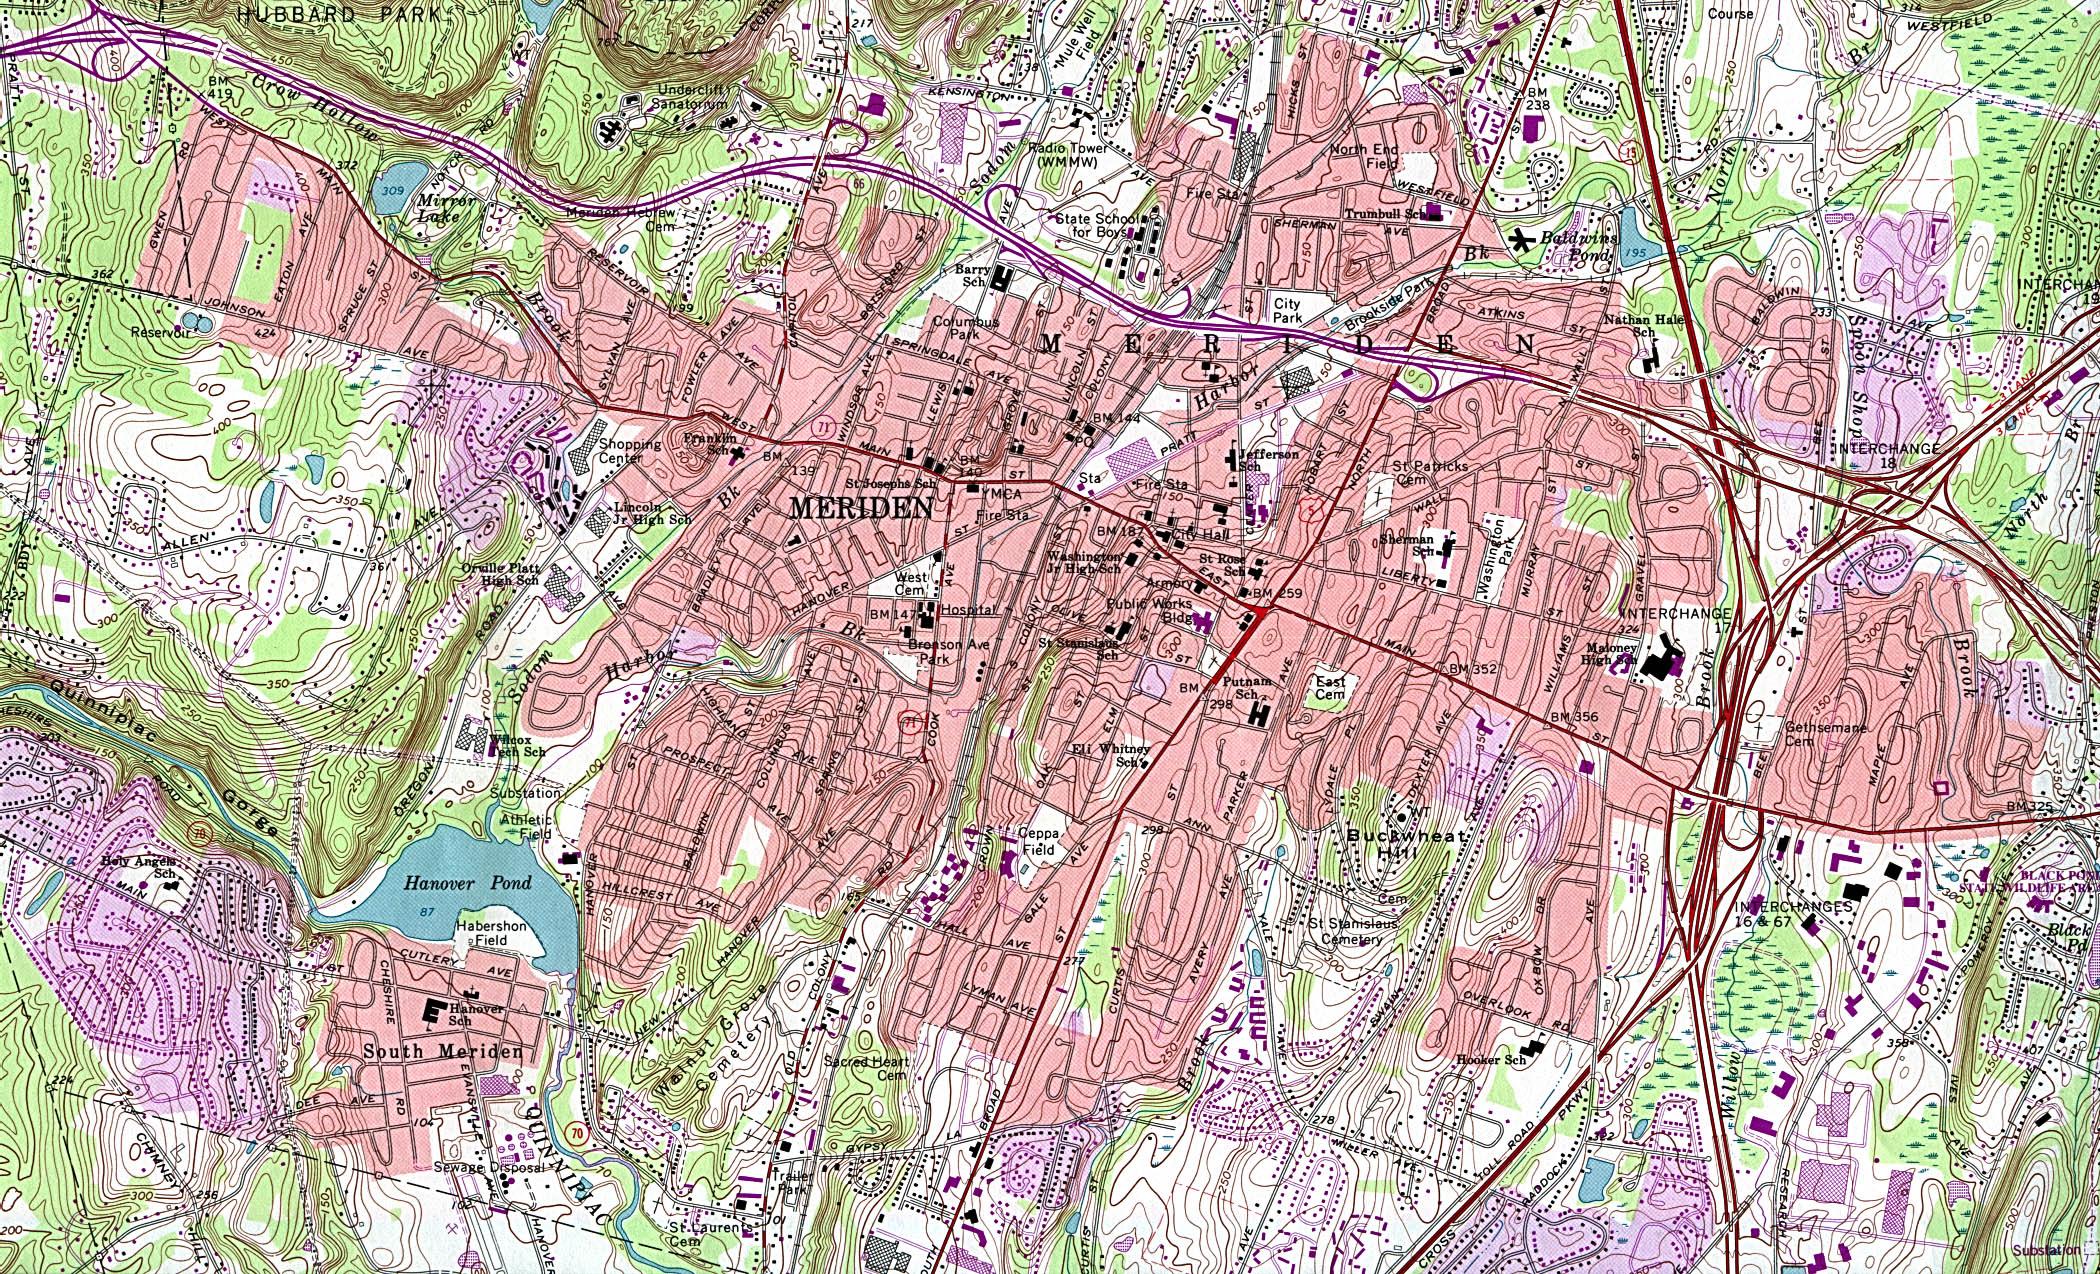 Mapa Topográfico de la Ciudad de Meriden, Connecticut, Estados Unidos